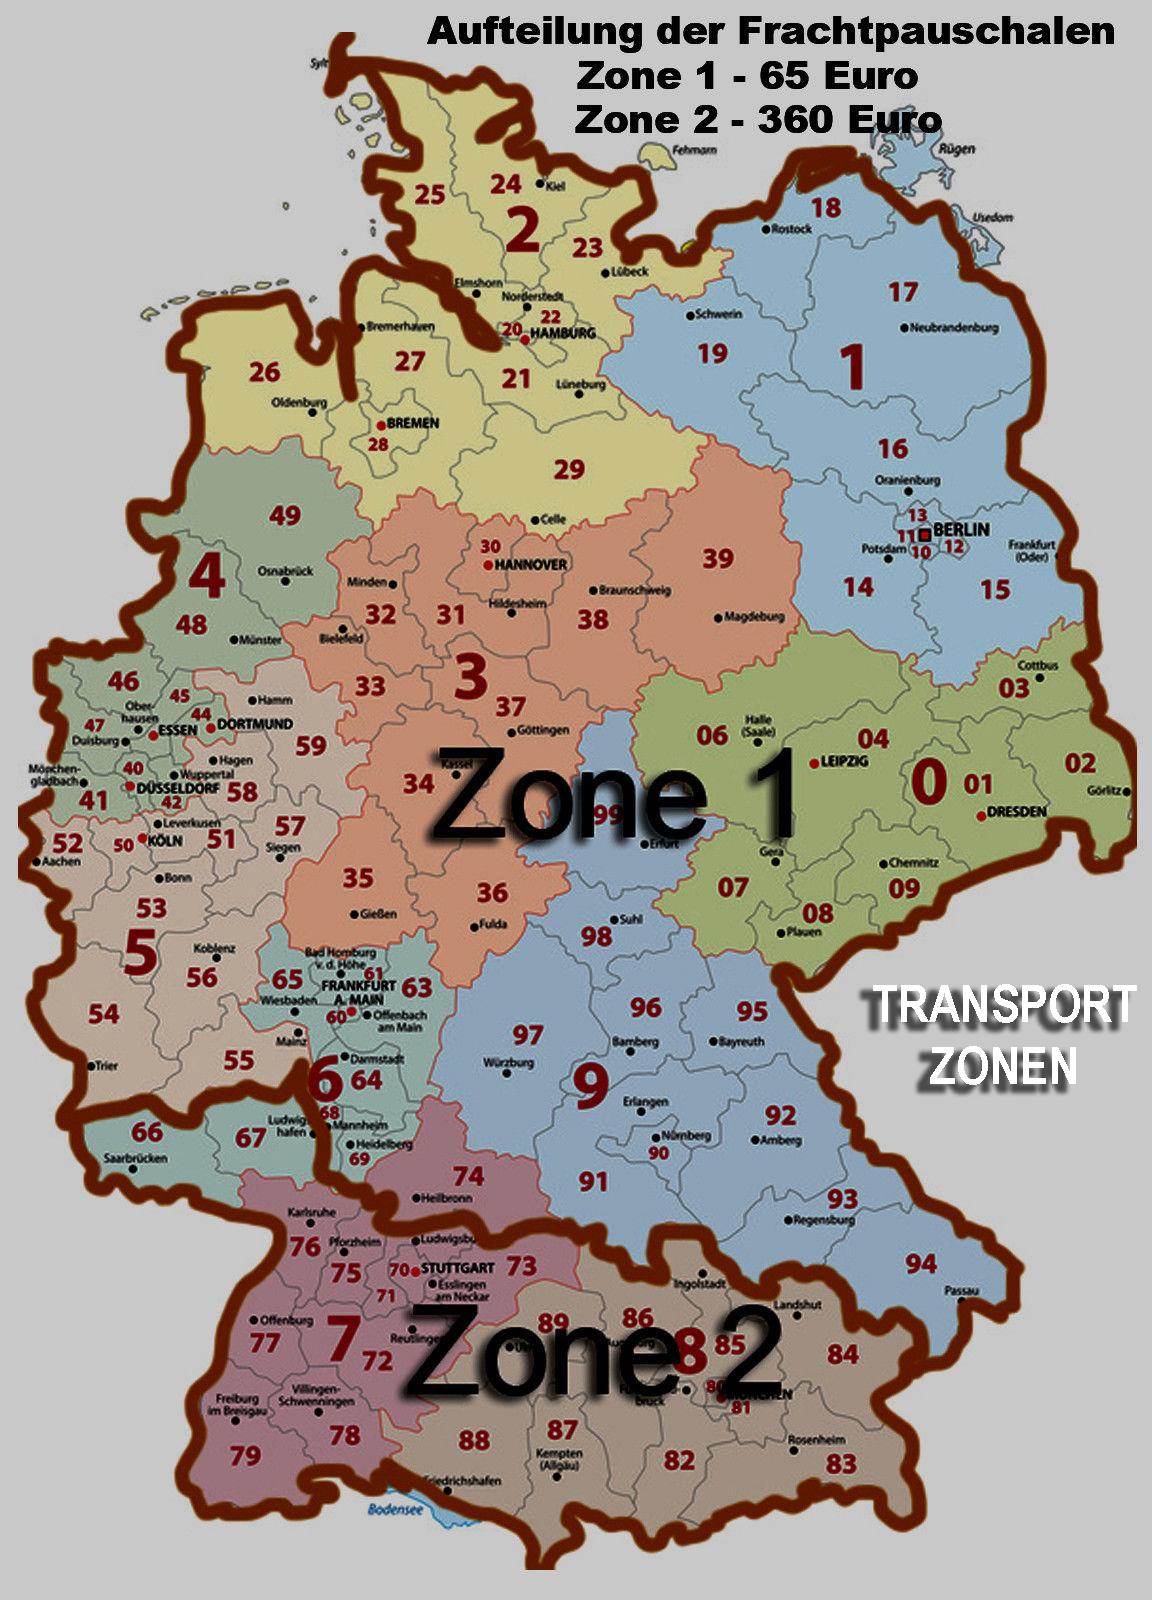 zonen1